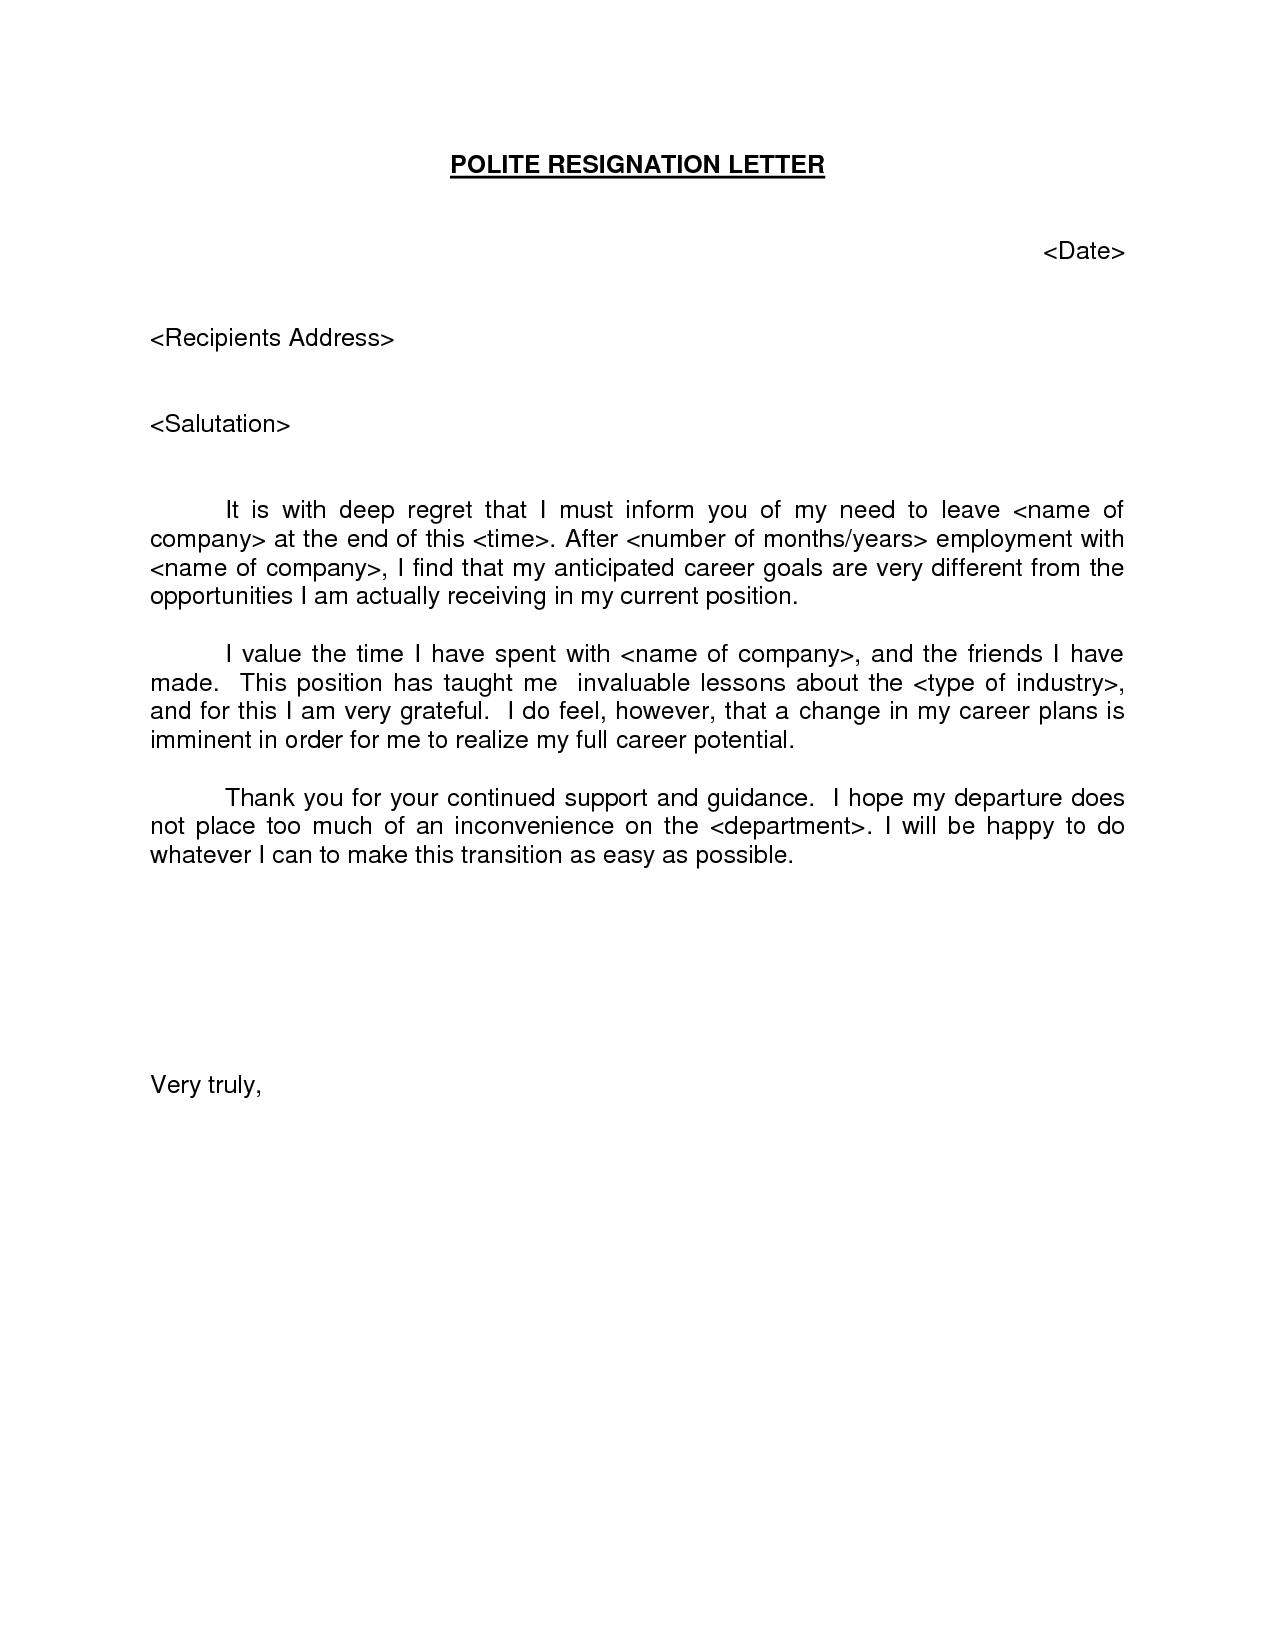 Board Member Resignation Letter Template - Polite Resignation Letter Bestdealformoneywriting A Letter